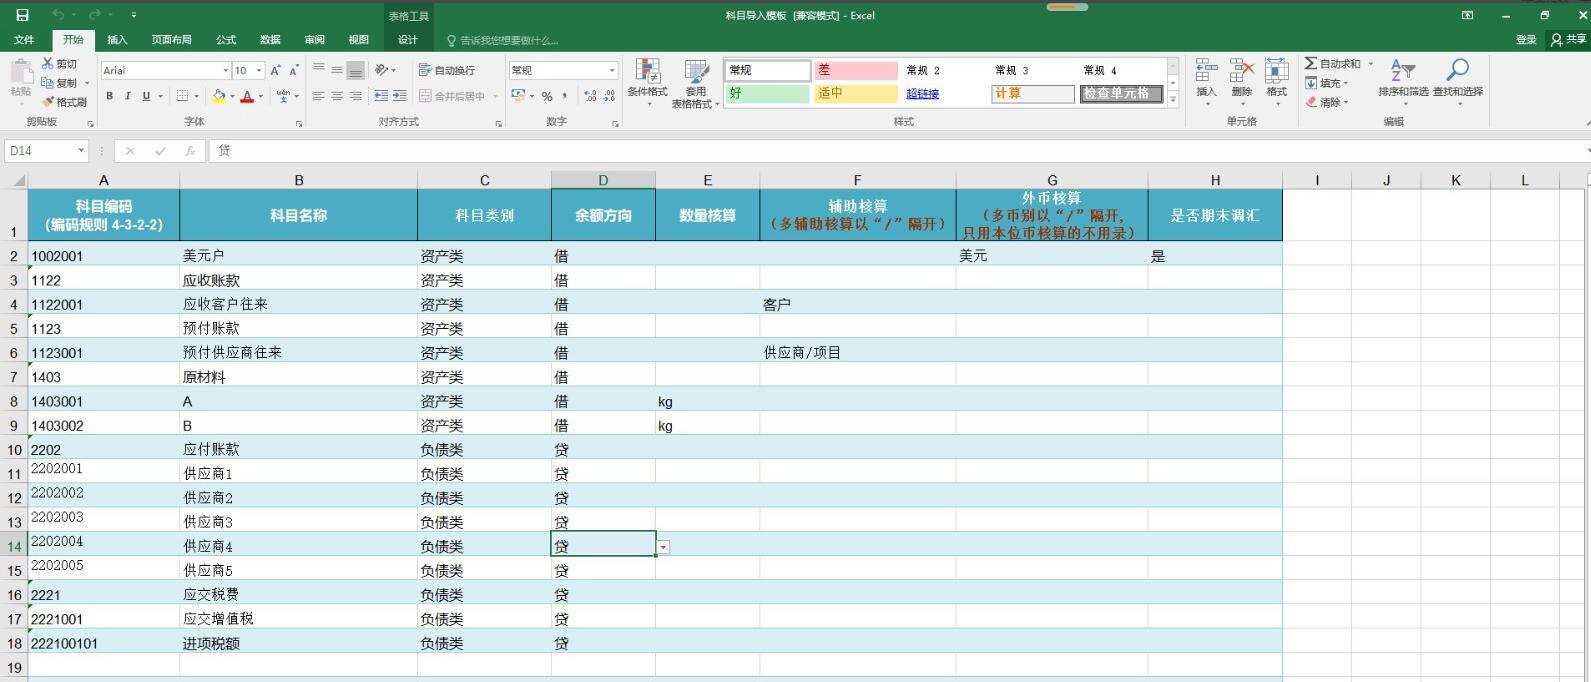 柠檬云财务软件科目导入功能如何使用